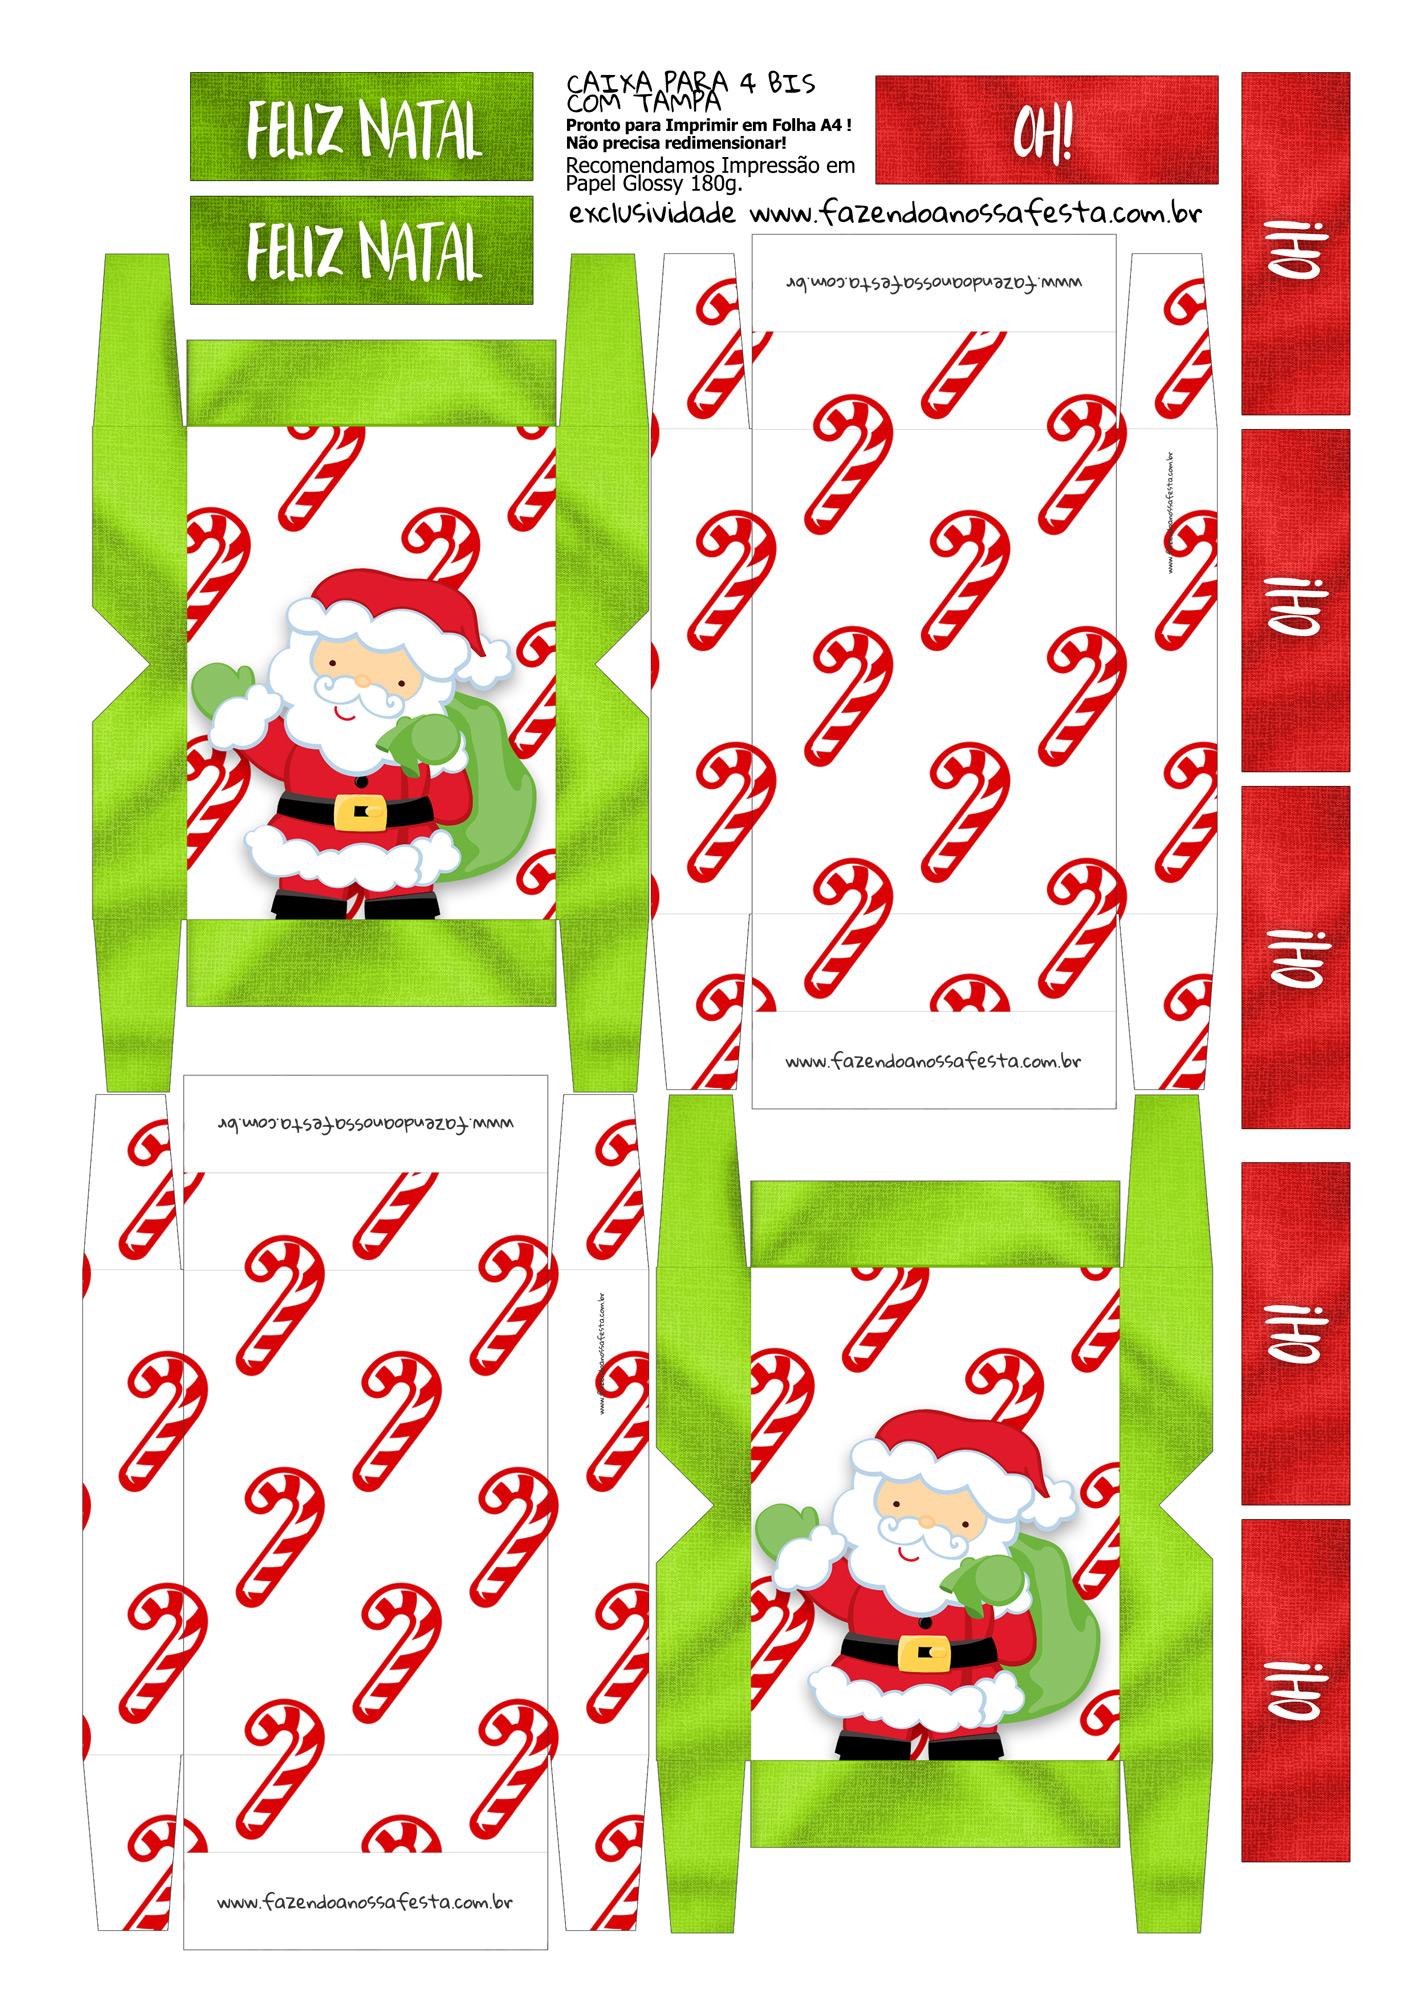 Caixa 4 Bis Especial Natal 8 Fazendo A Nossa Festa